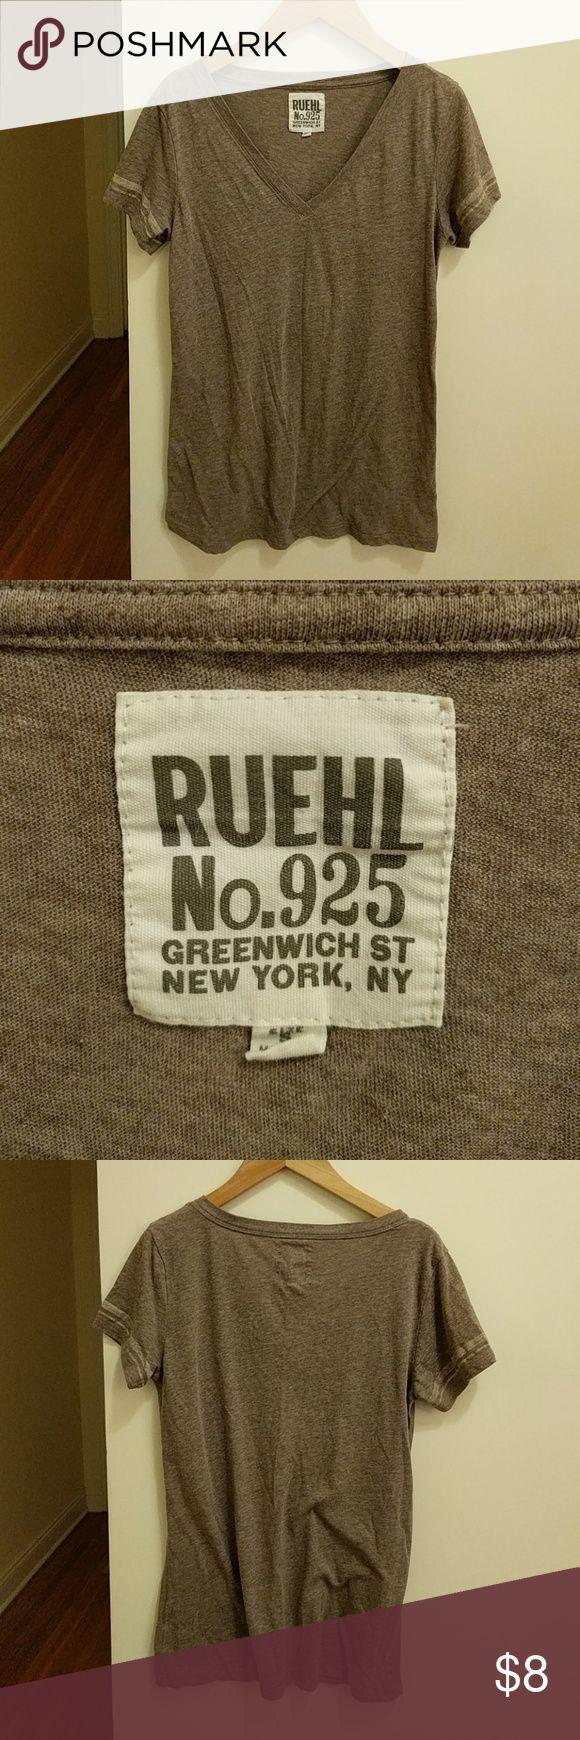 Ruehl | Tee Grey/beige tee Ruehl No. 925 Tops Tees - Short Sleeve